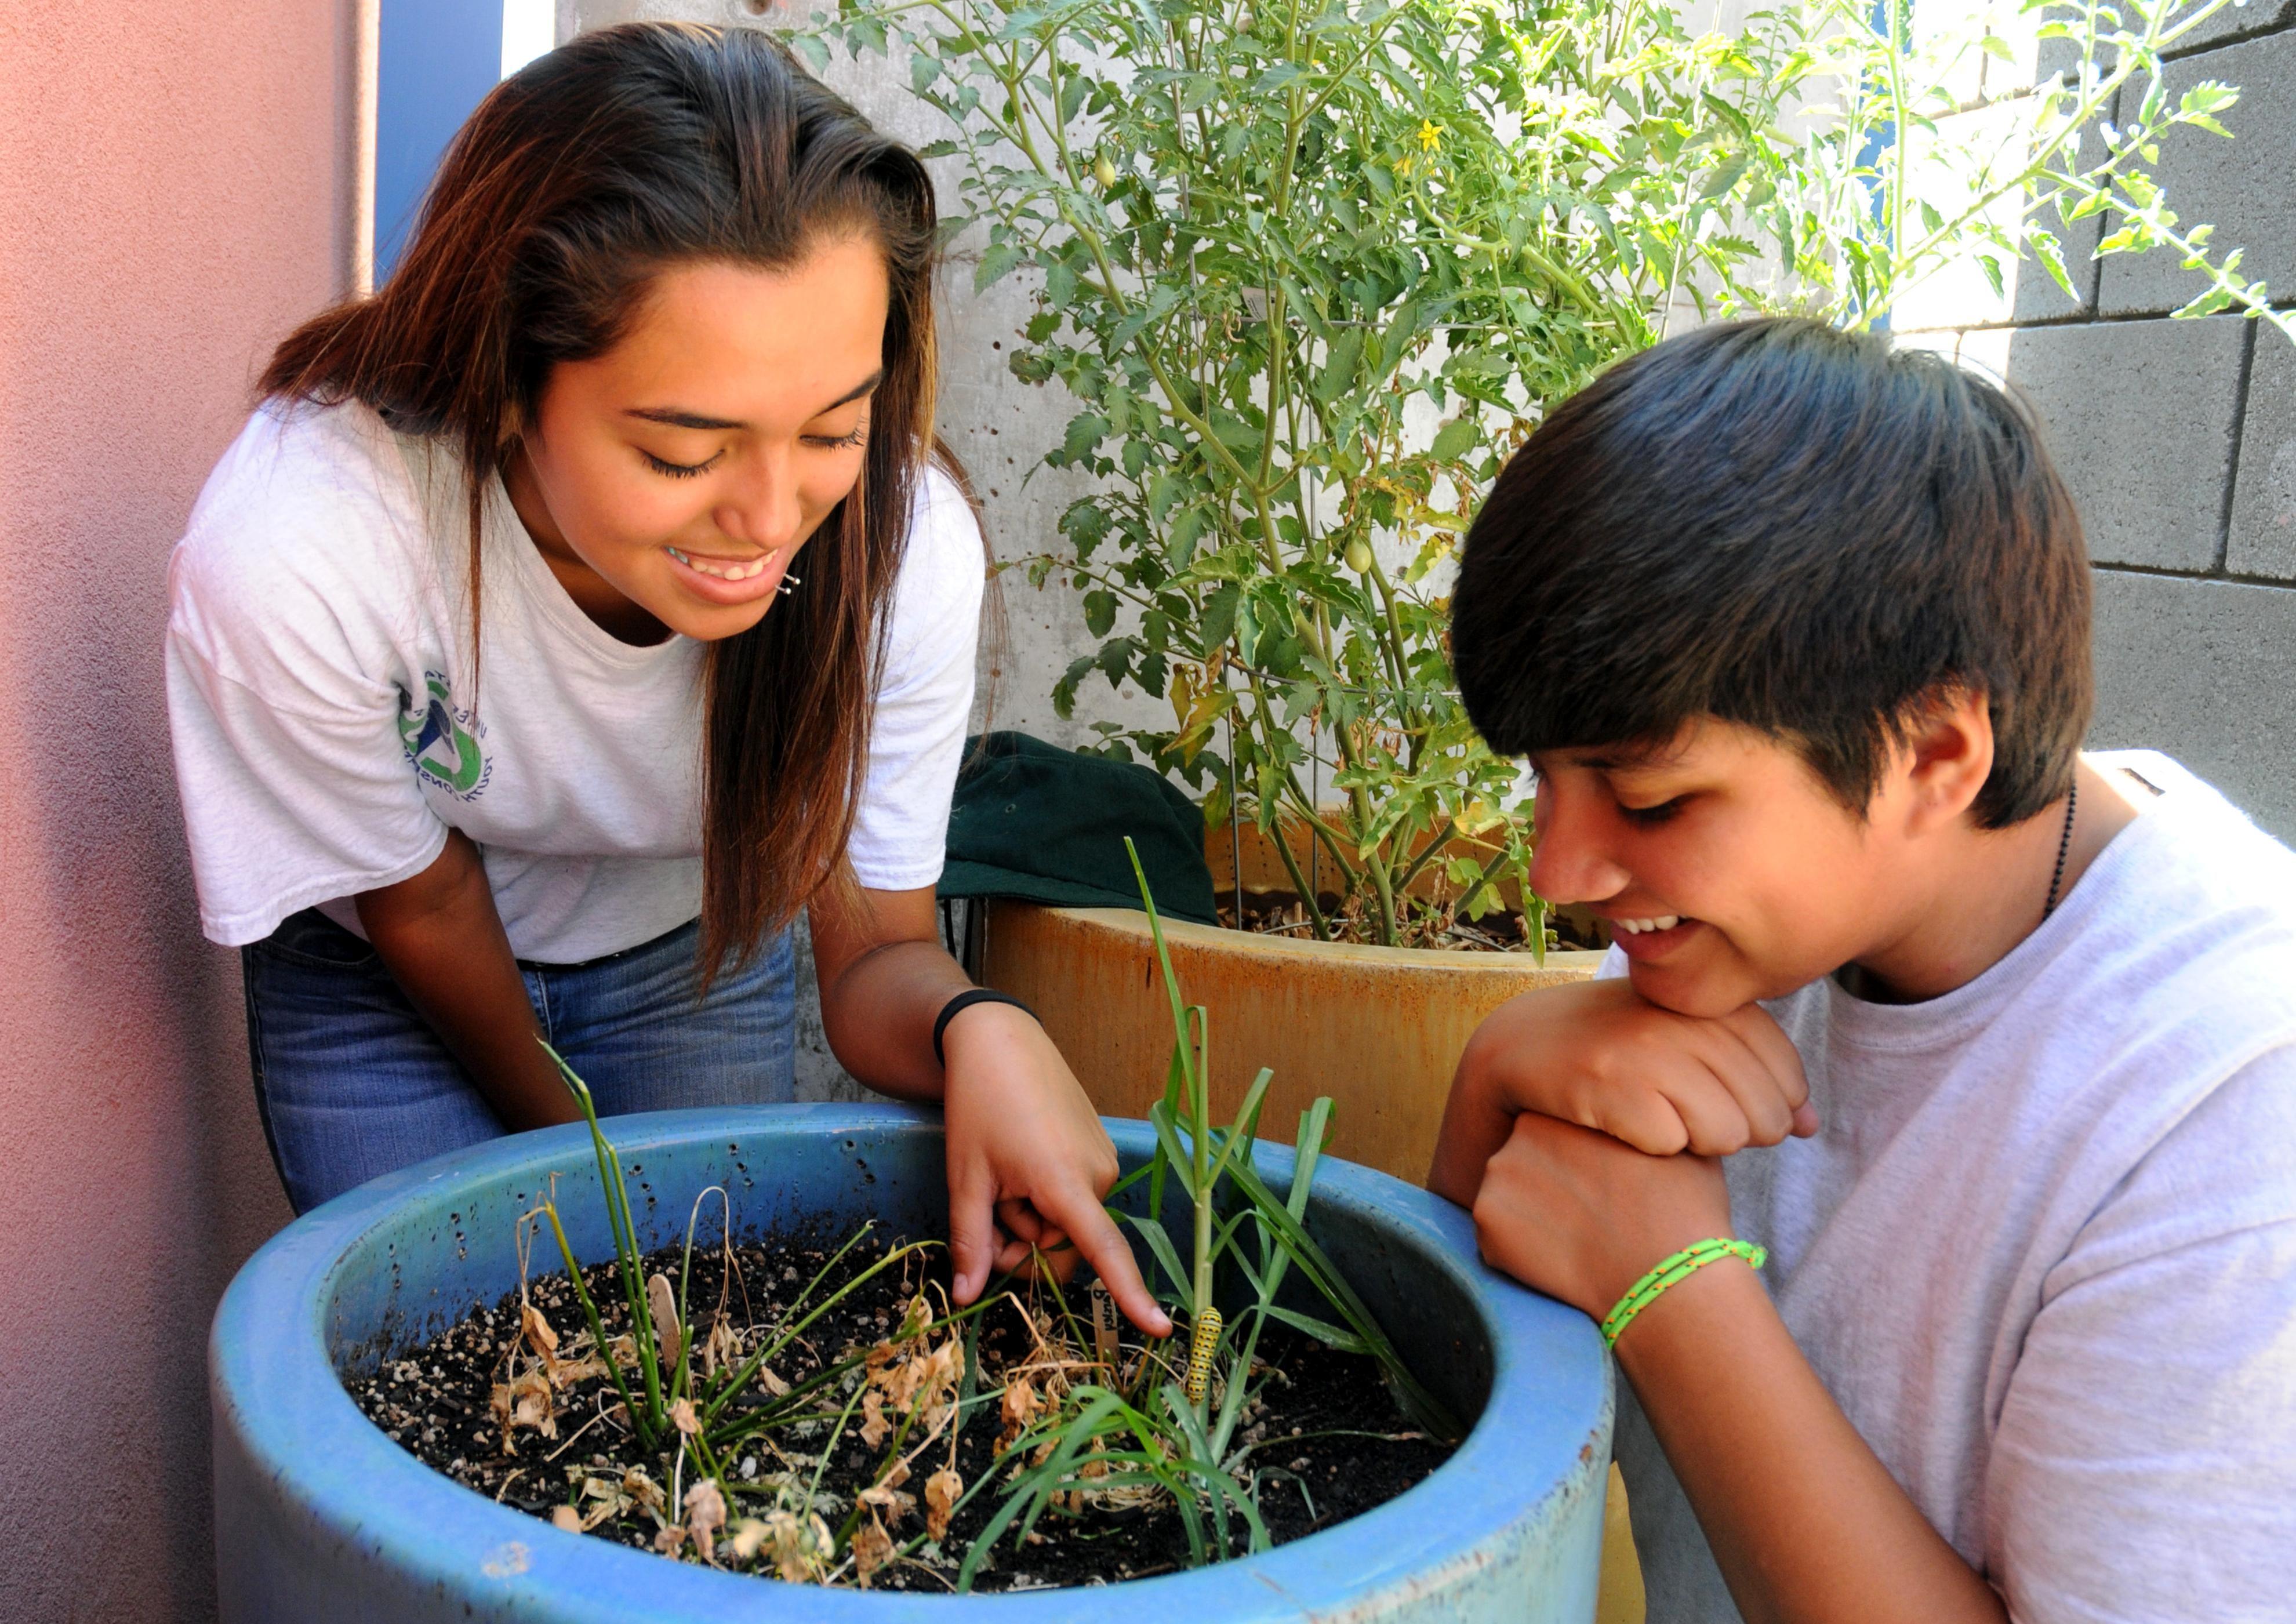 Free photograph; boyfriend, girlfriend, garden, plants, gardening